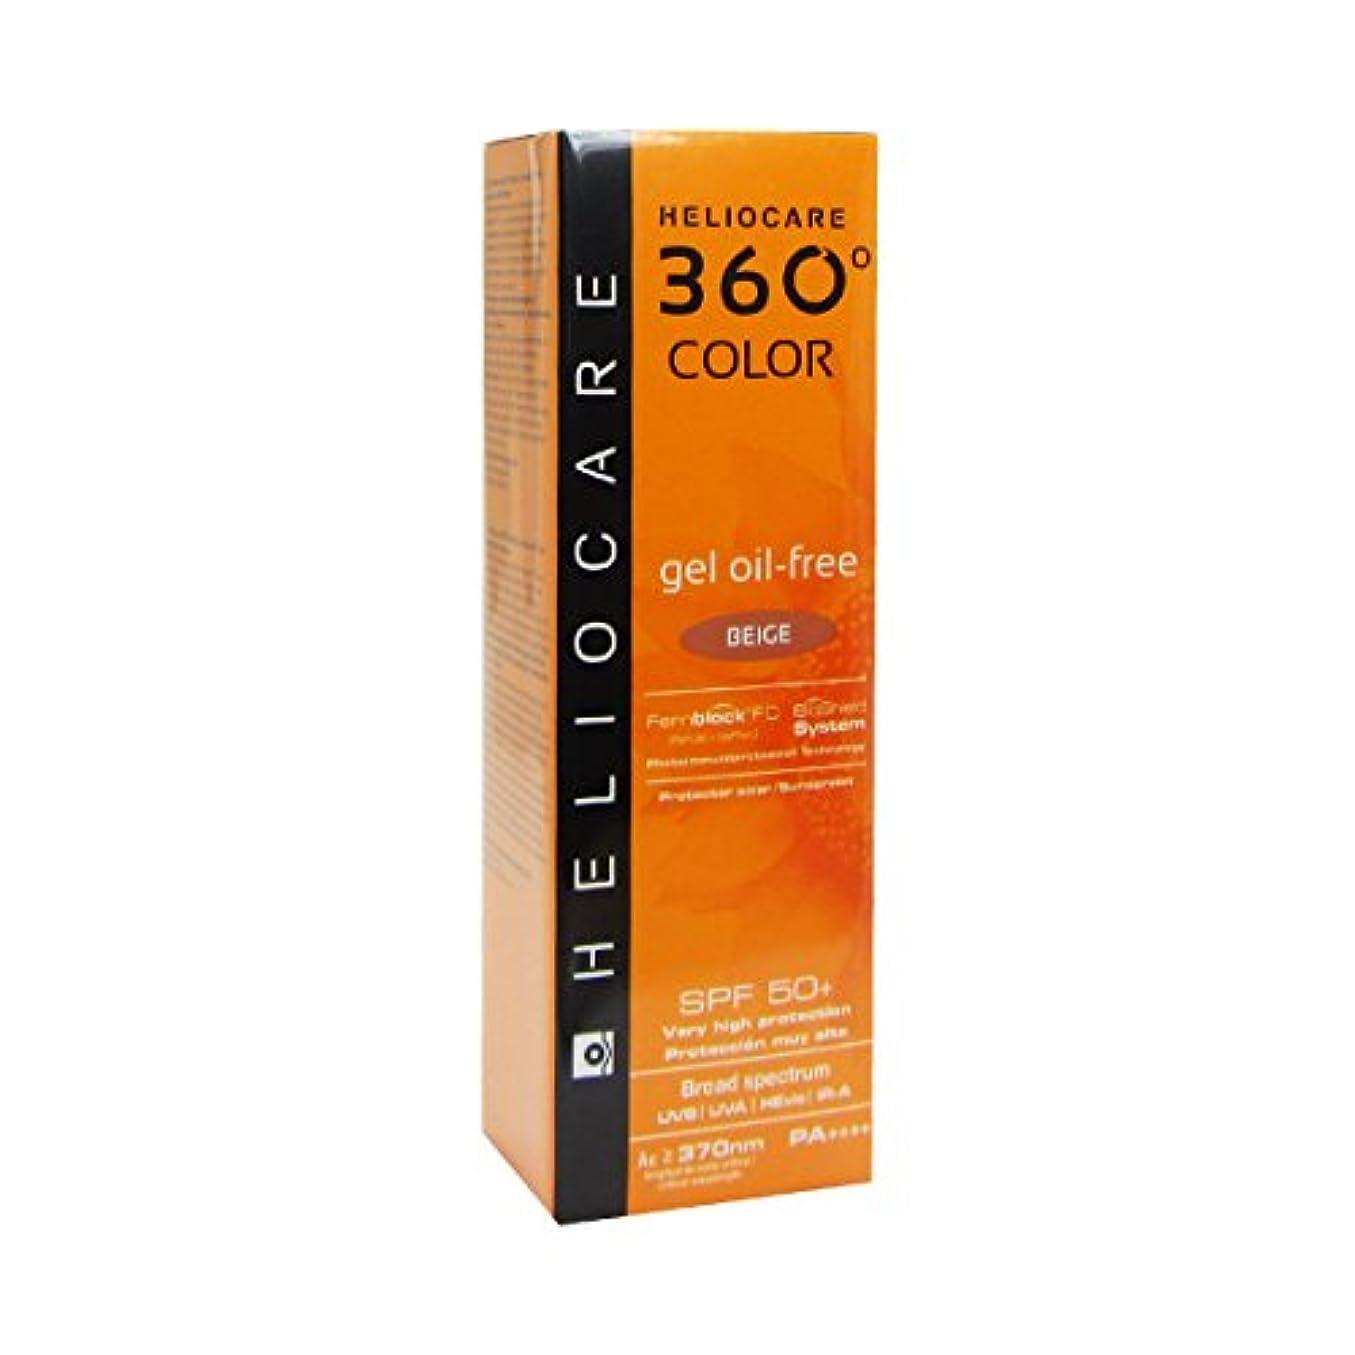 聖歌一致する欠席Heliocare 360 Gel-color Oil-free Spf50 Beige 50ml [並行輸入品]